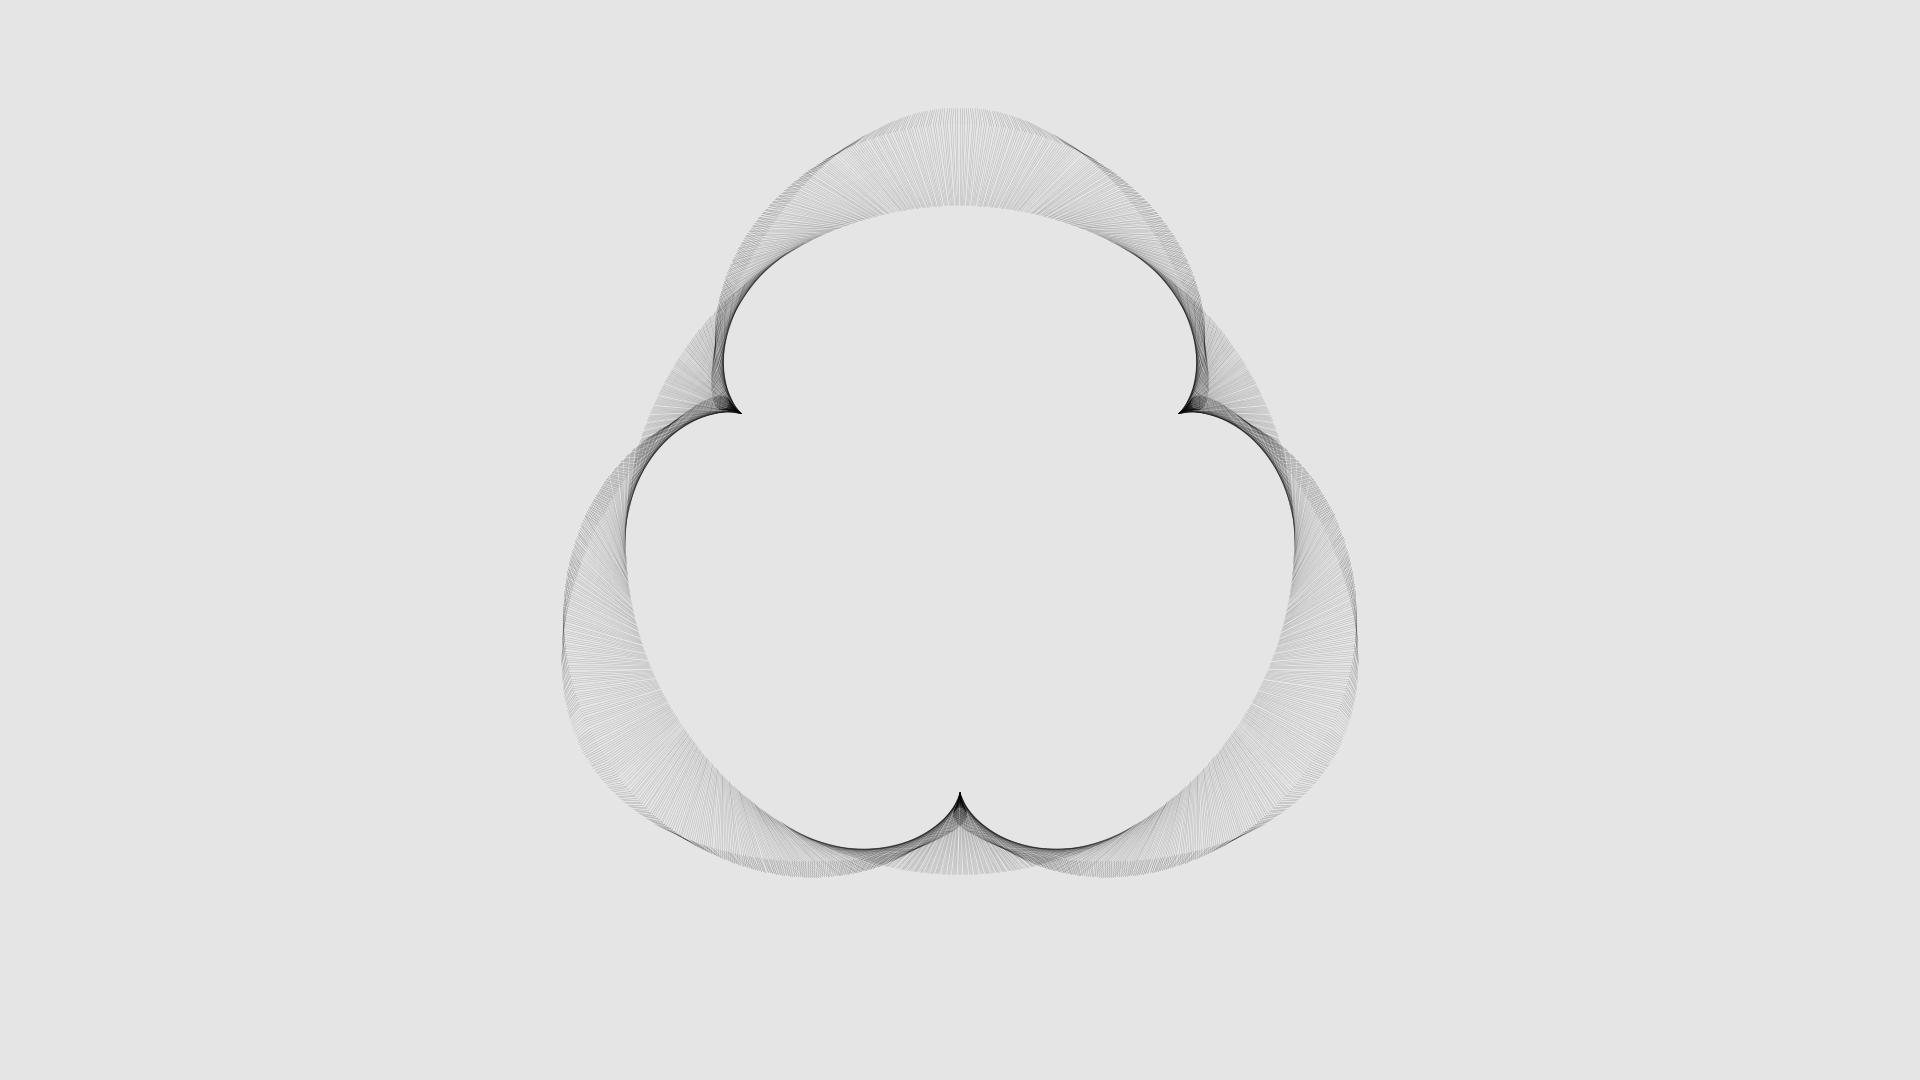 orrery-showlines-moonlet_retrograde-M3E3-F1719-573-191-O334.47427-82.28027-15.245452-D78.0-39.0-11.0.png